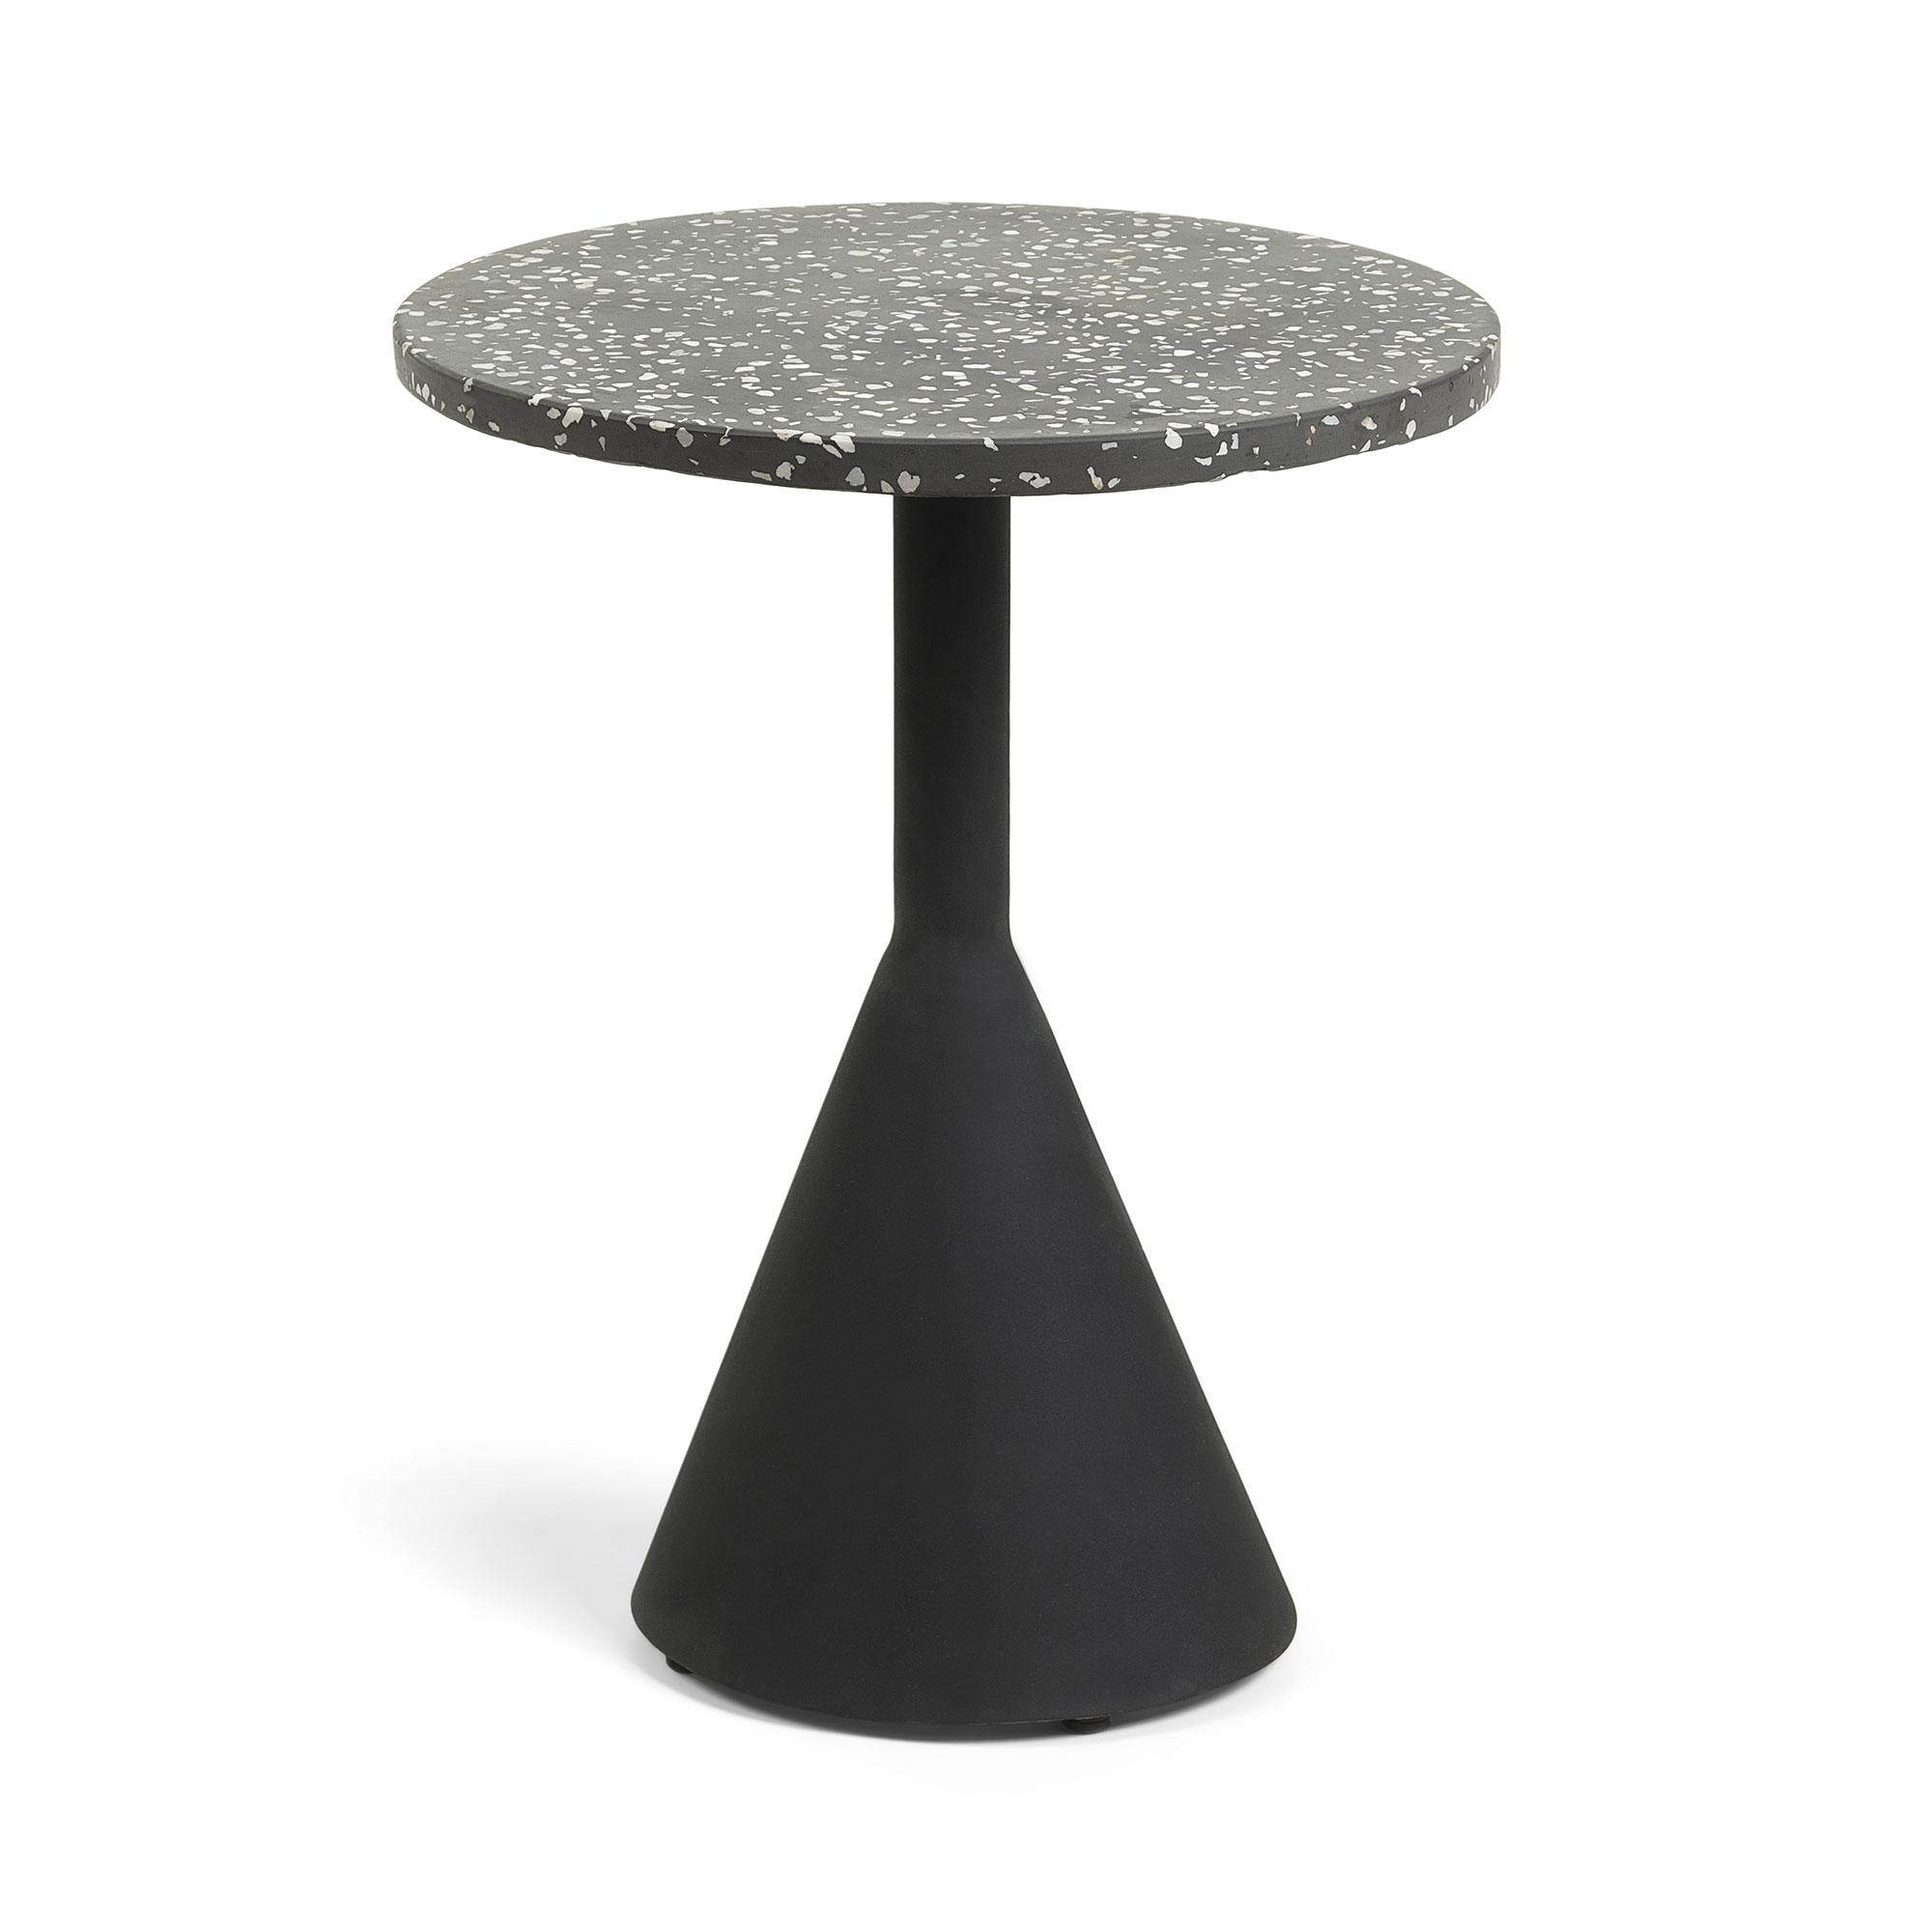 Uw partner in meubels: Kave Home Bijzettafel 'Delano' 40cm, kleur Zwart Tafels | Bijzettafels